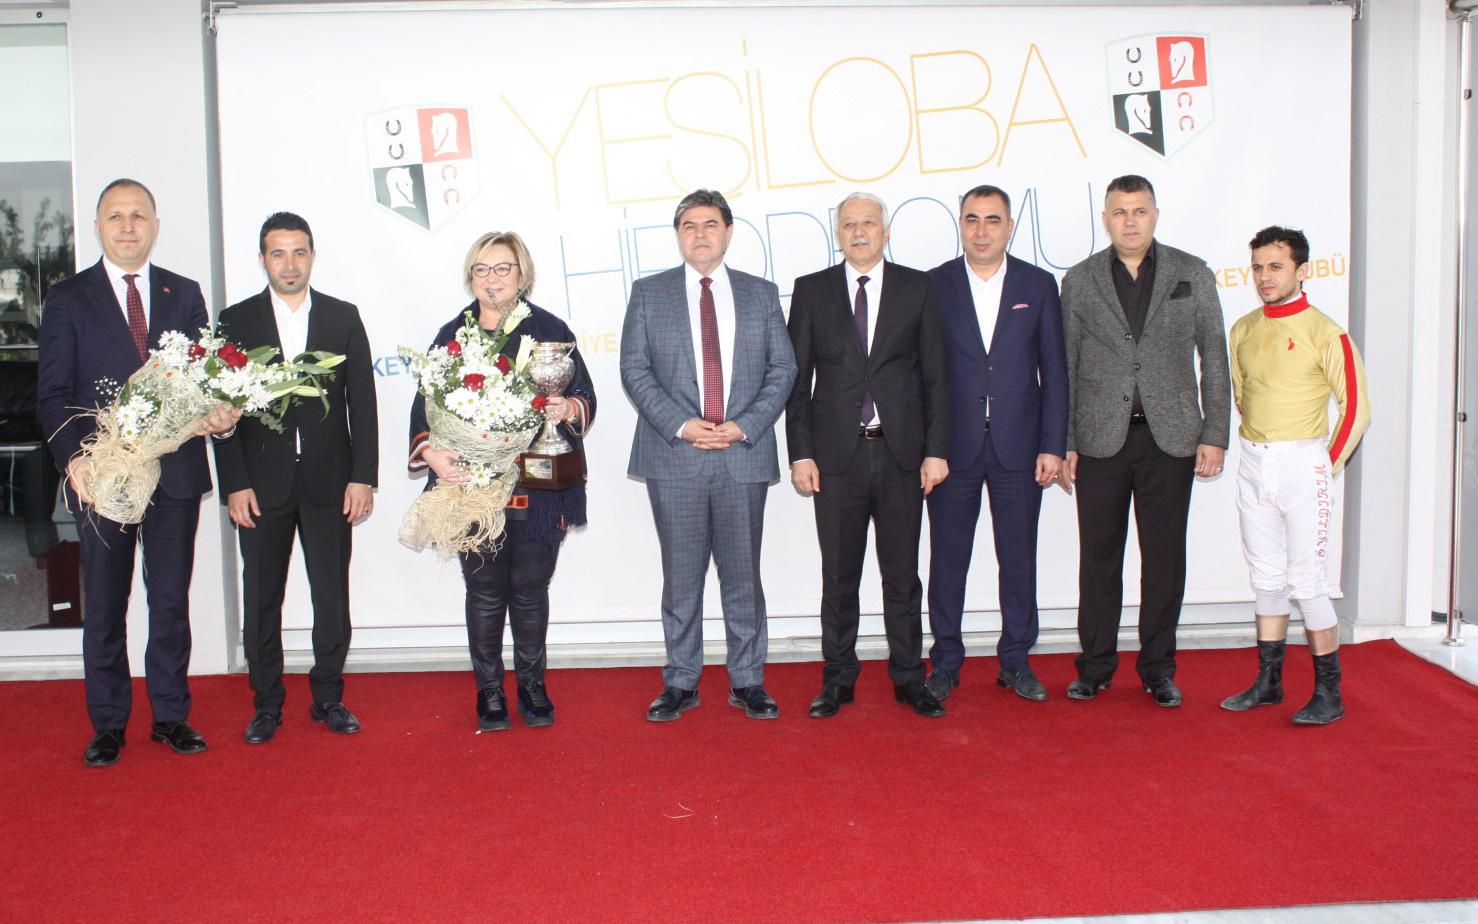 Adana Büyükşehir Belediye Başkanlığı koşusunu Bit Coin kazandı